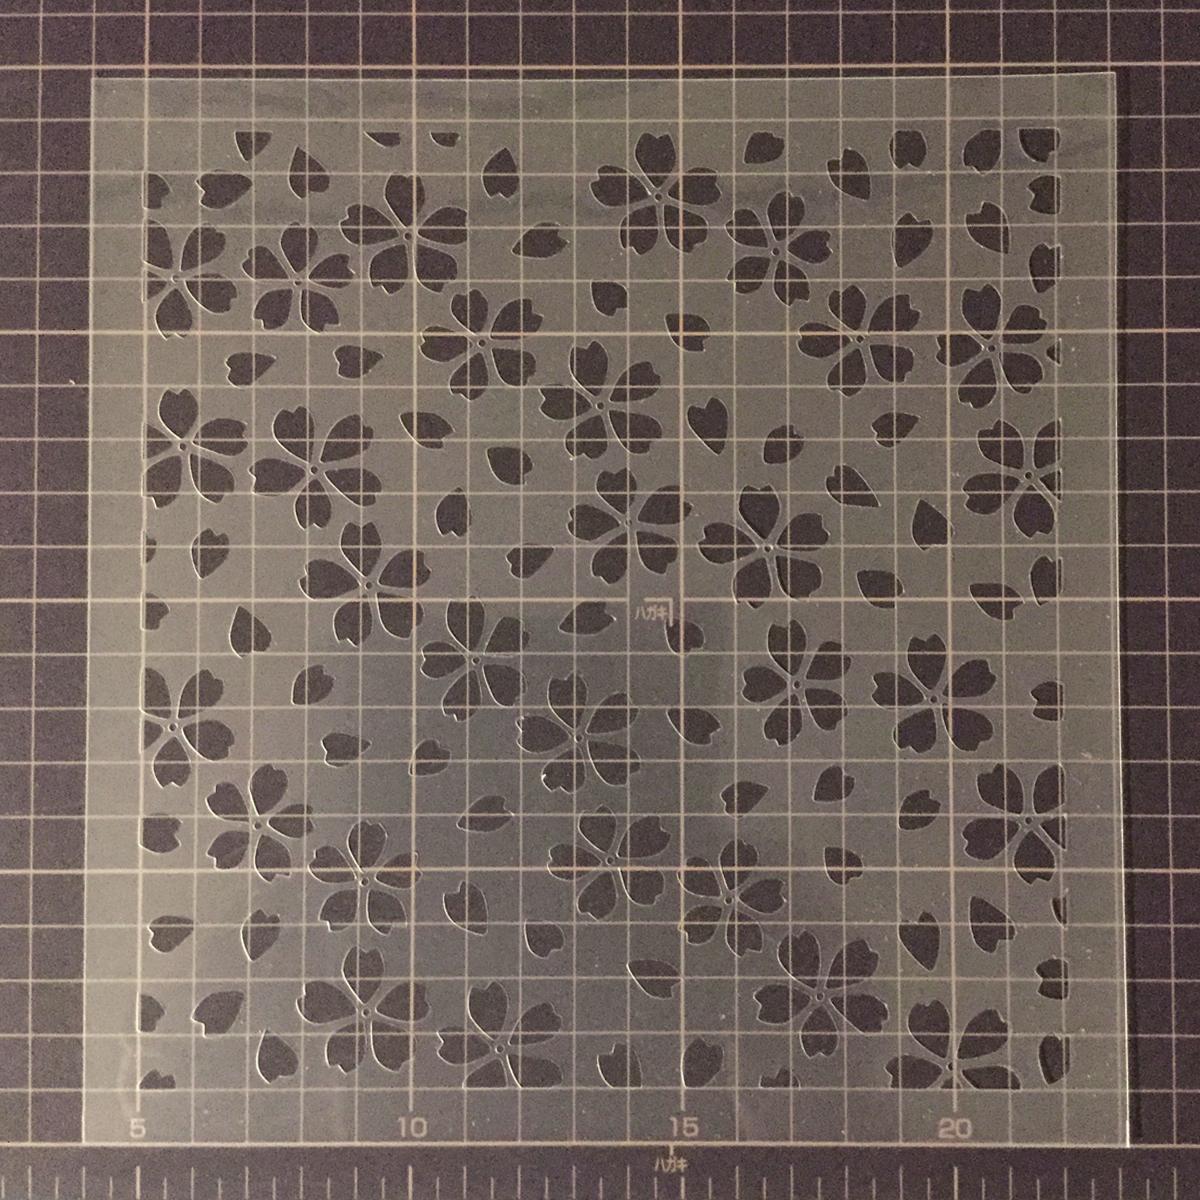 桜吹雪 散る花びら 和風デザイン さくら8番 ステンシルシート 型紙 図案 No558_画像5